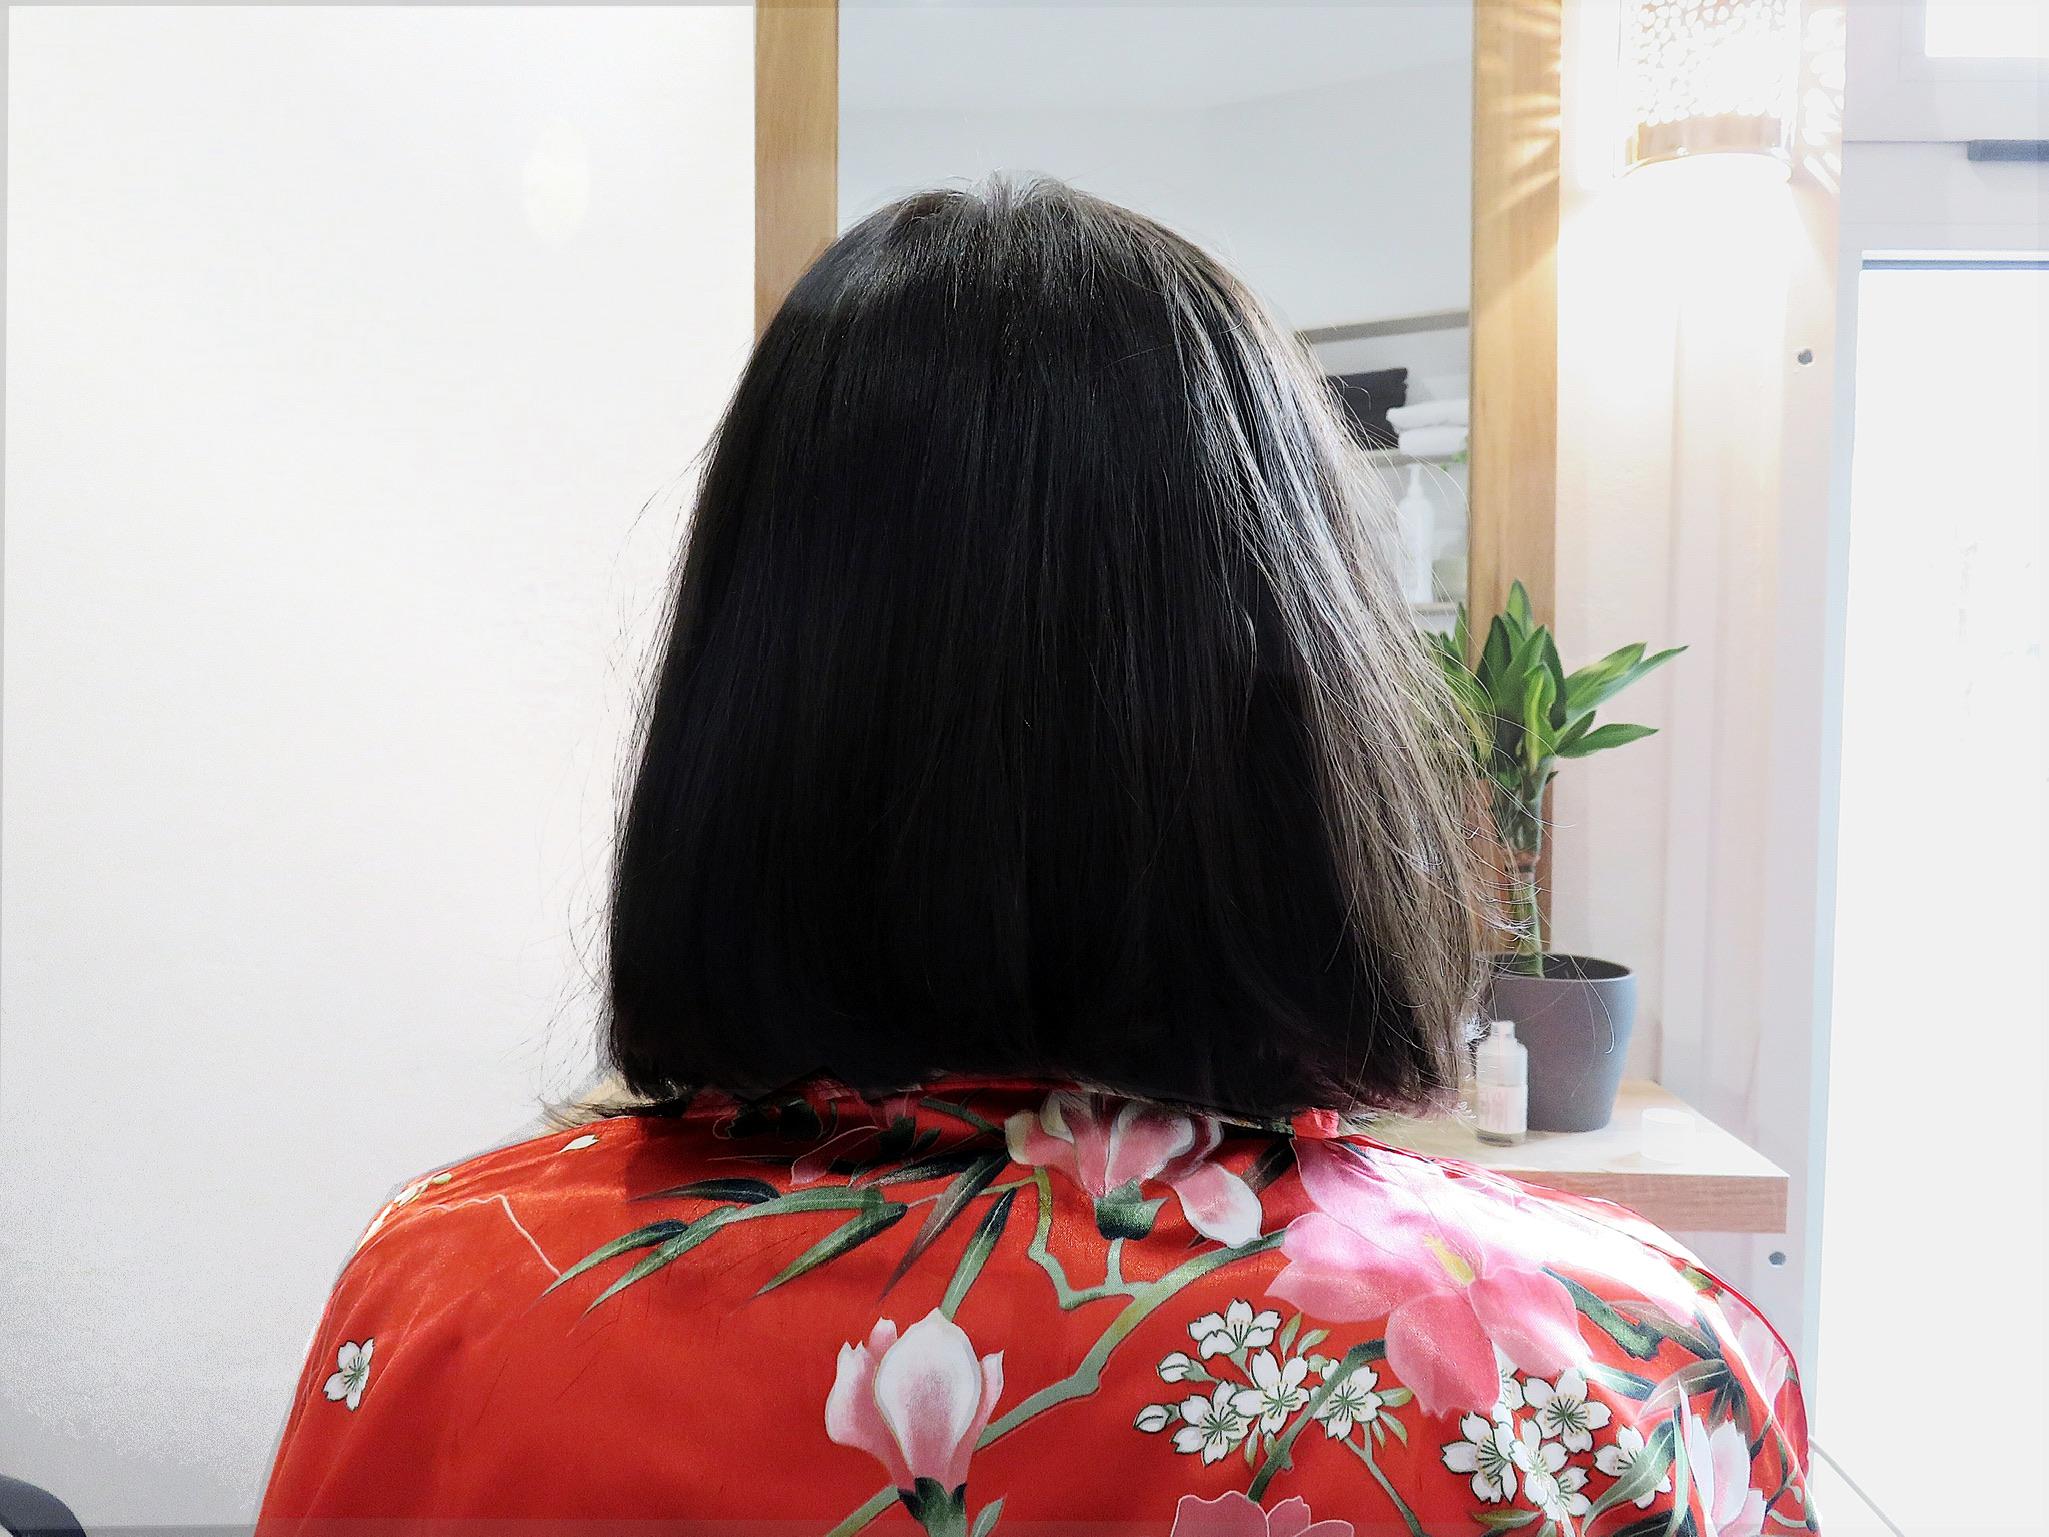 Mon Salon de Bioté, salon de coiffure bio et naturel à Montpellier